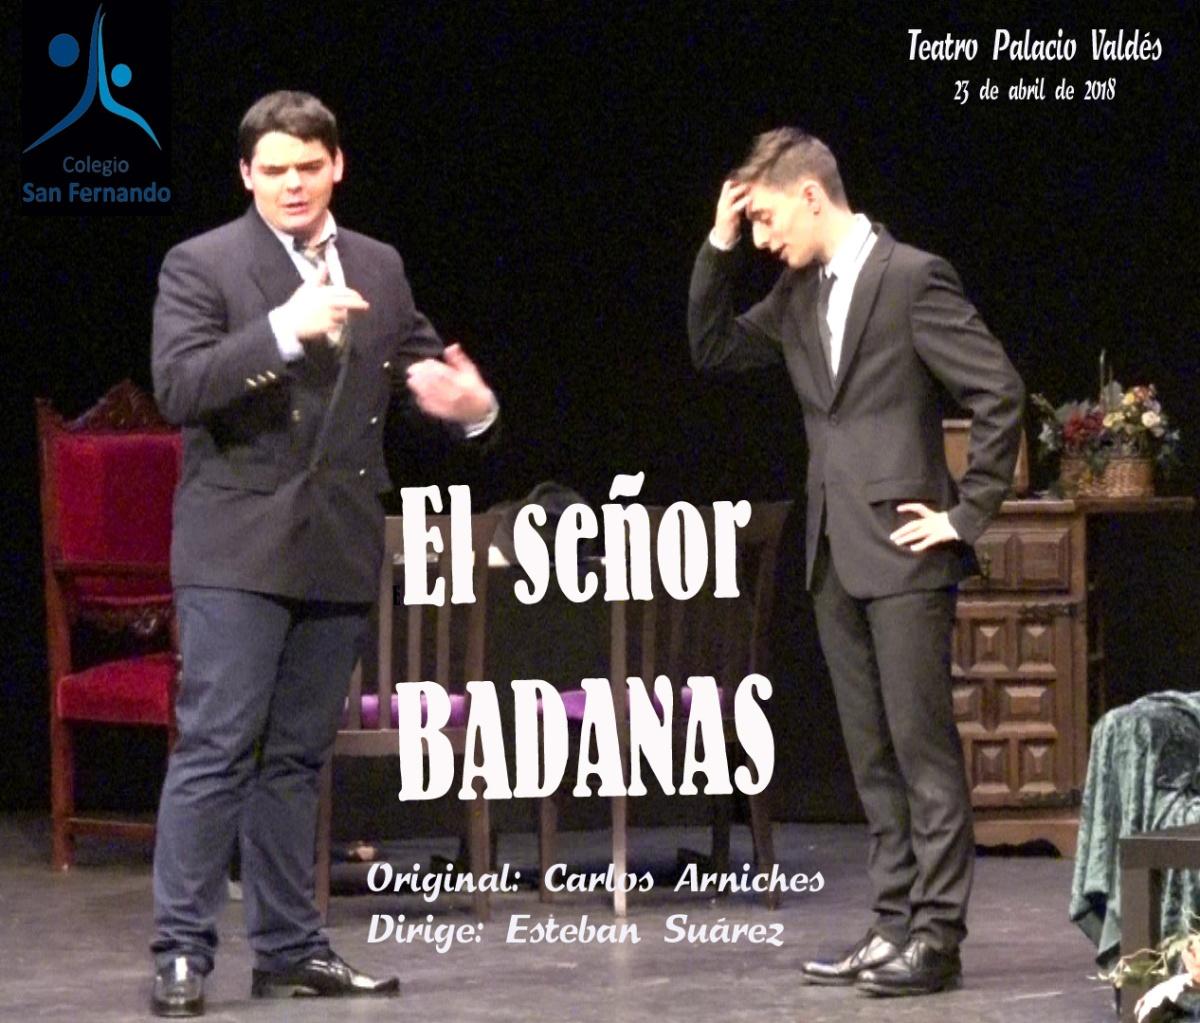 El señor Badanas